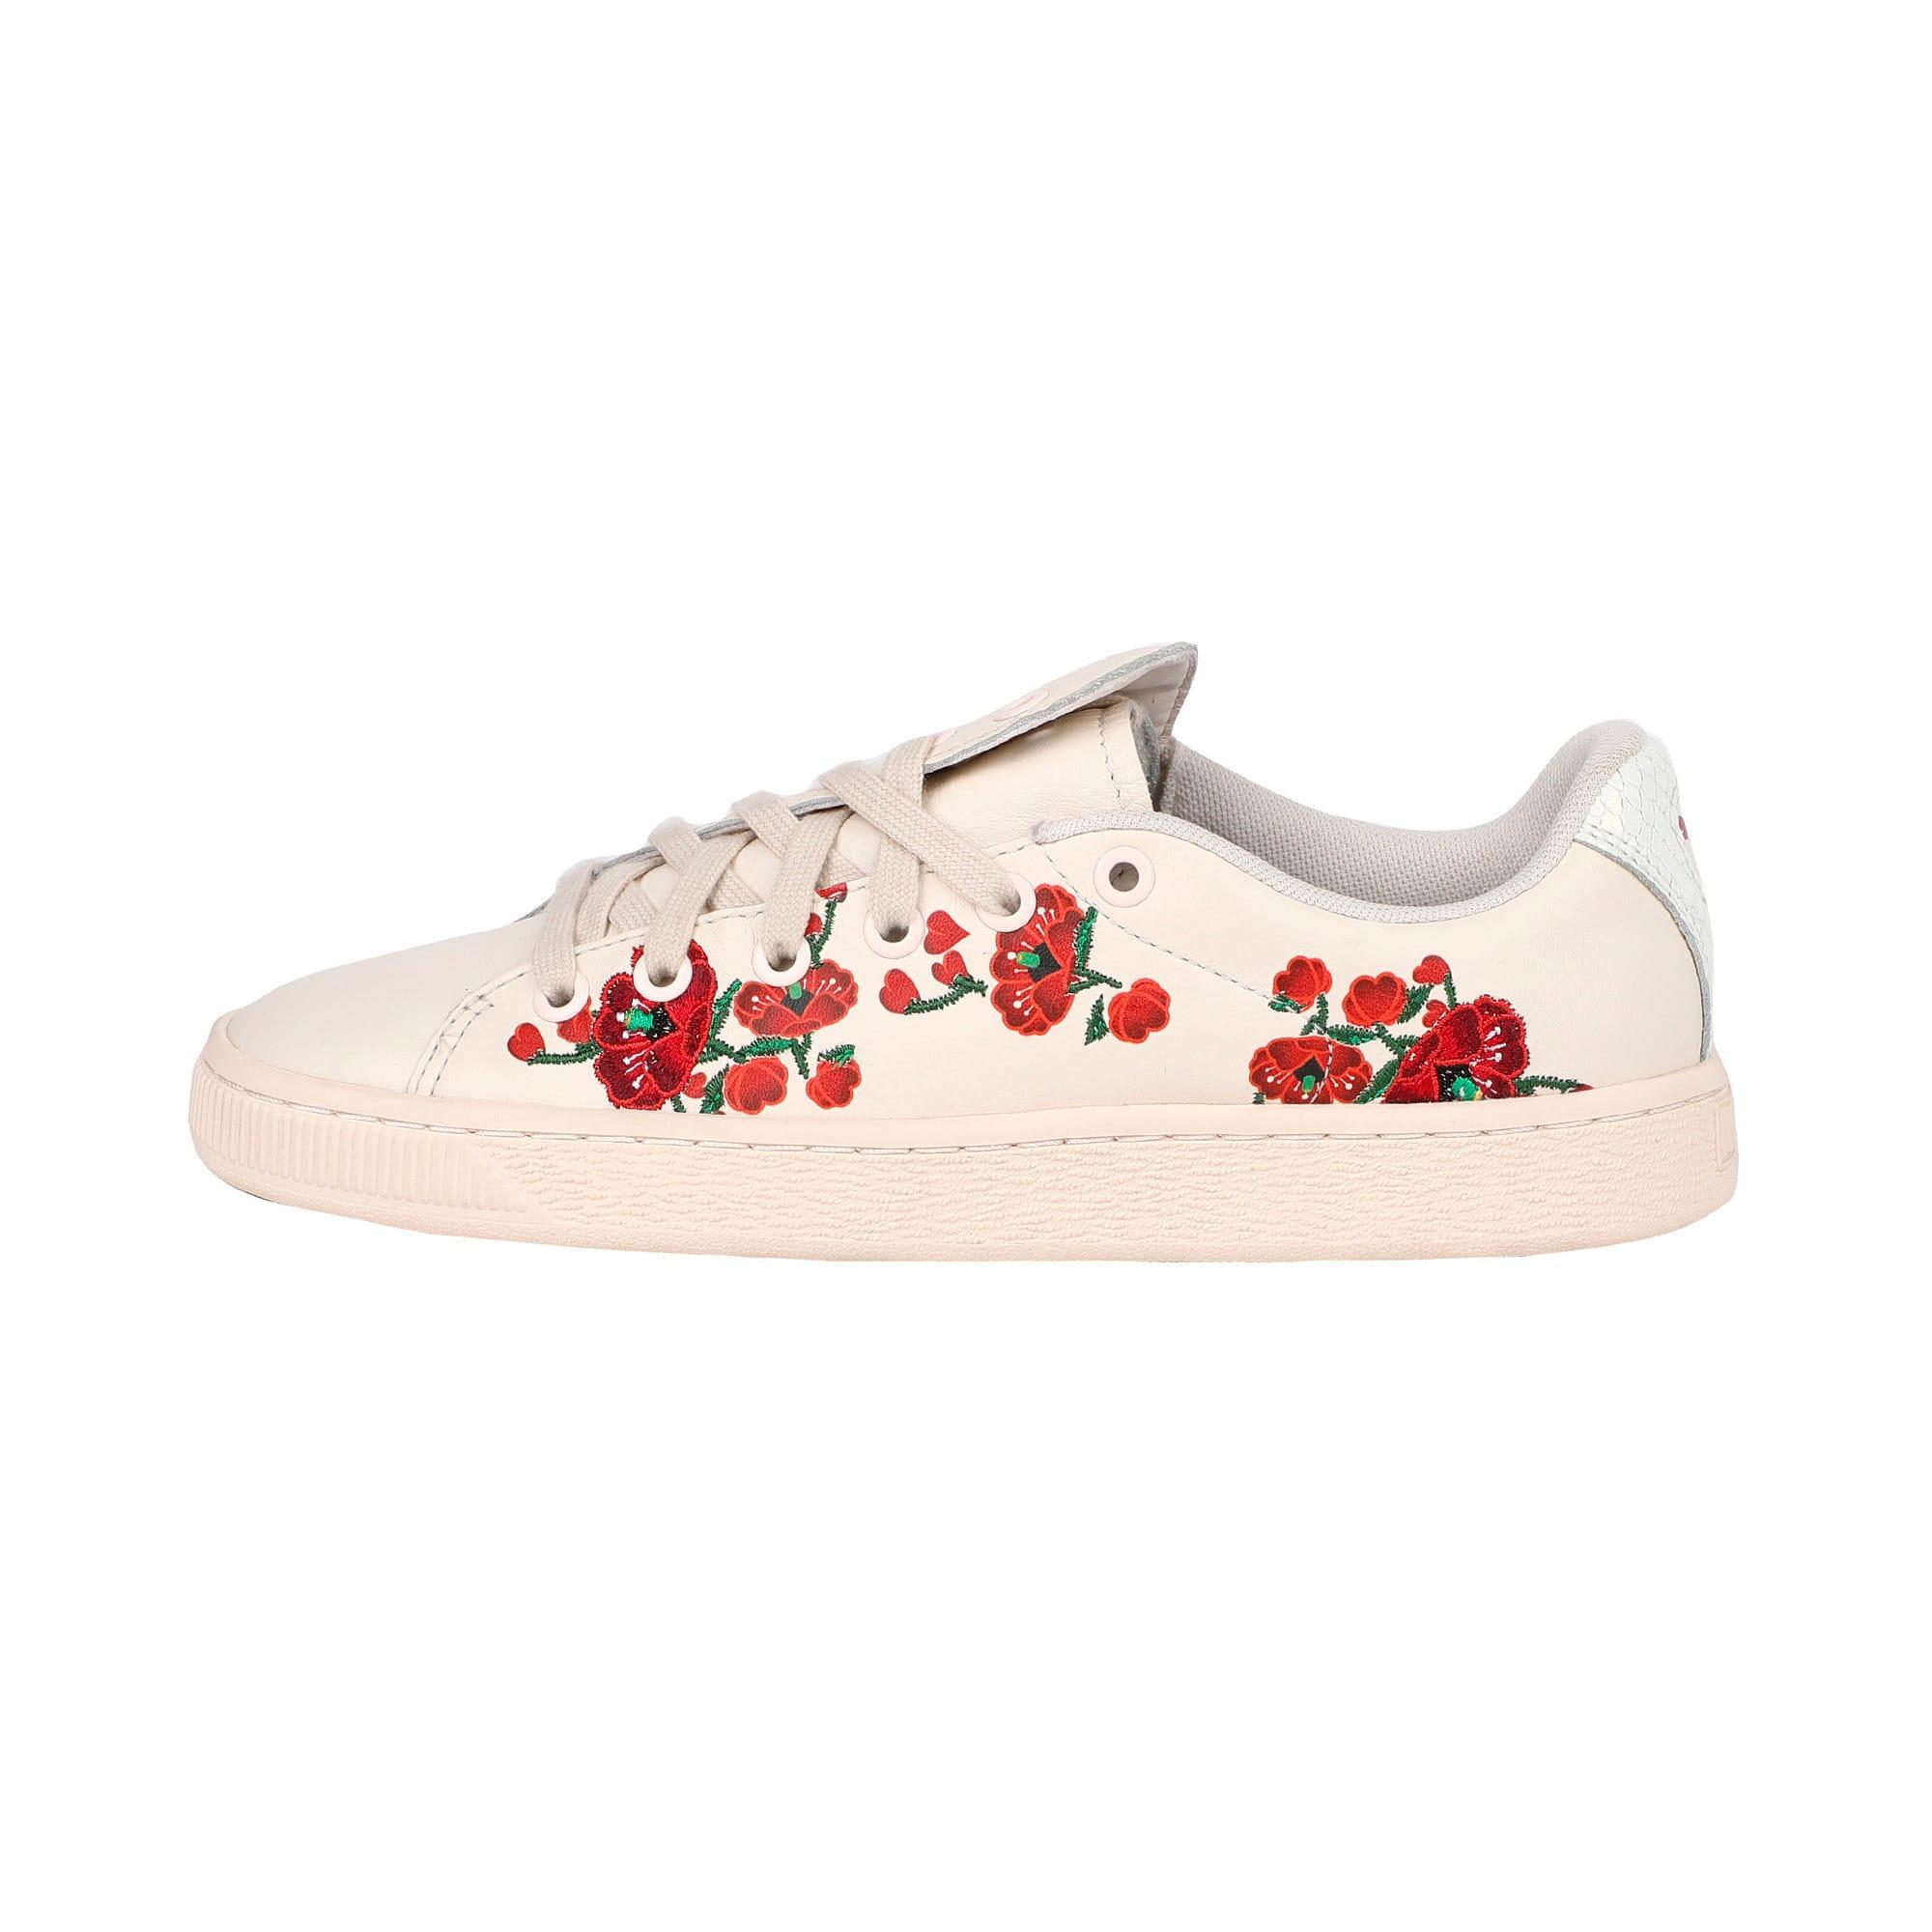 """Thumbnail 1 of PUMA x SUE TSAI """"Cherry Bombs"""" Women's Shoes, Powder Puff-Powder Puff, medium-IND"""